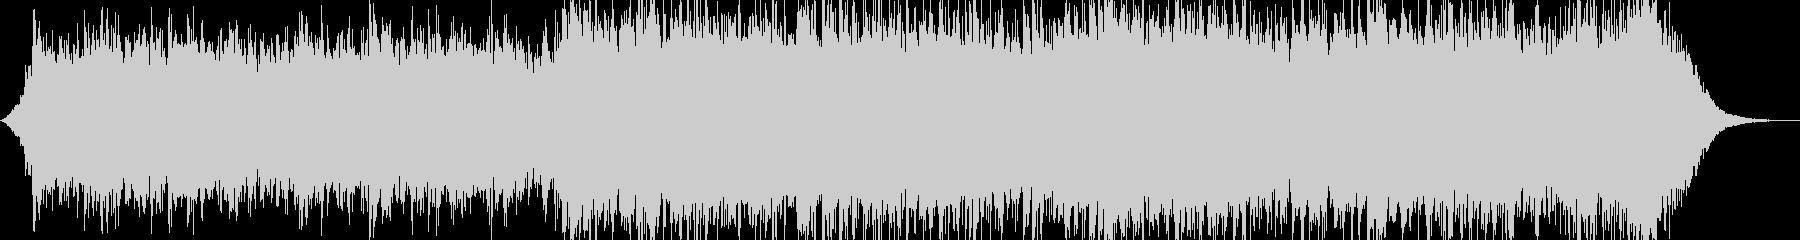 代替案 ポップ クラシック 交響曲...の未再生の波形